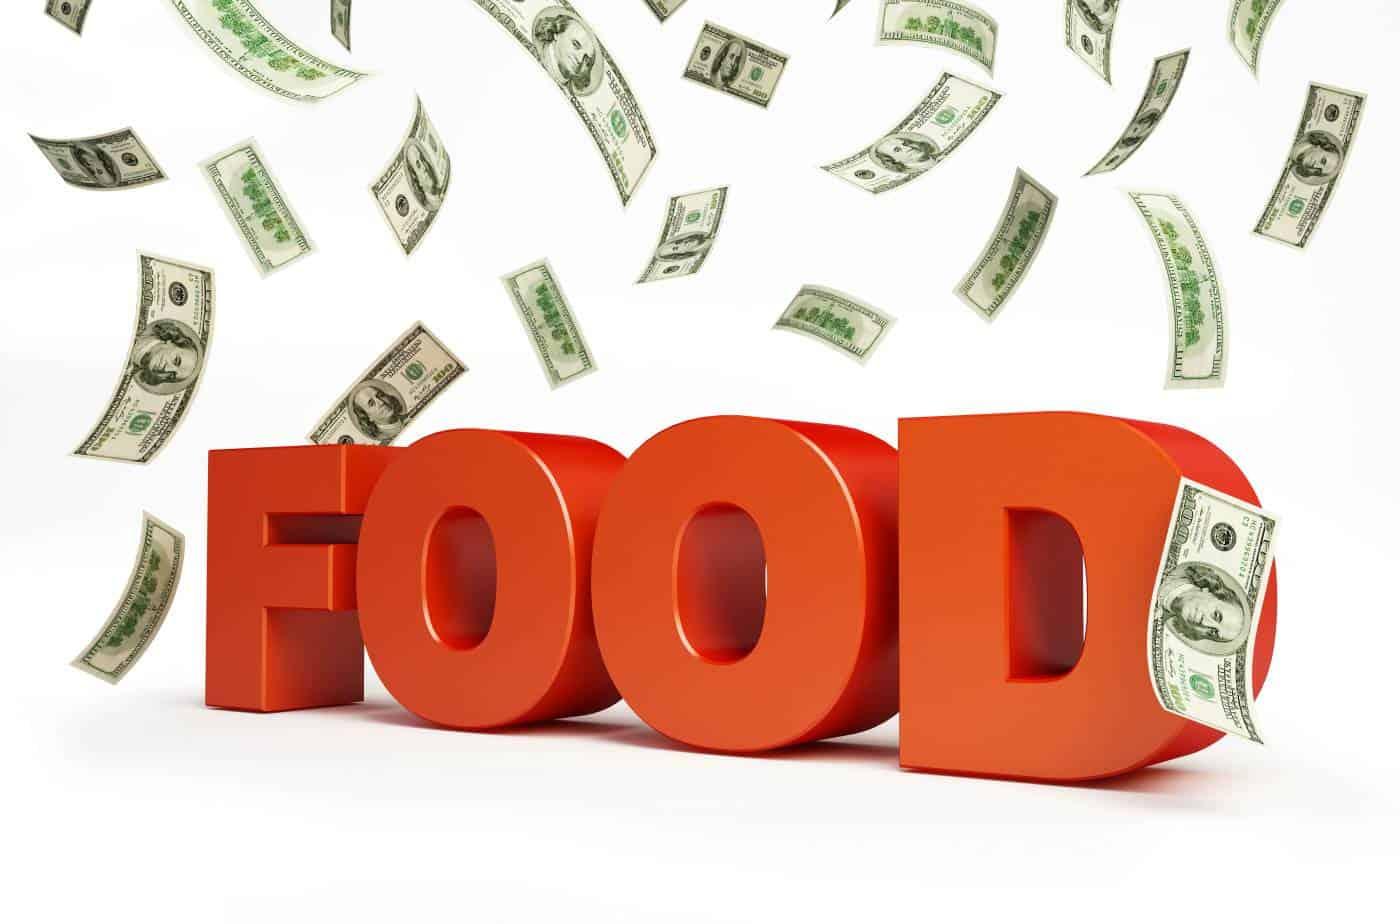 Food Cost là gì? Cách tính Food cost và định giá món ăn trong kinh doanh khách sạn